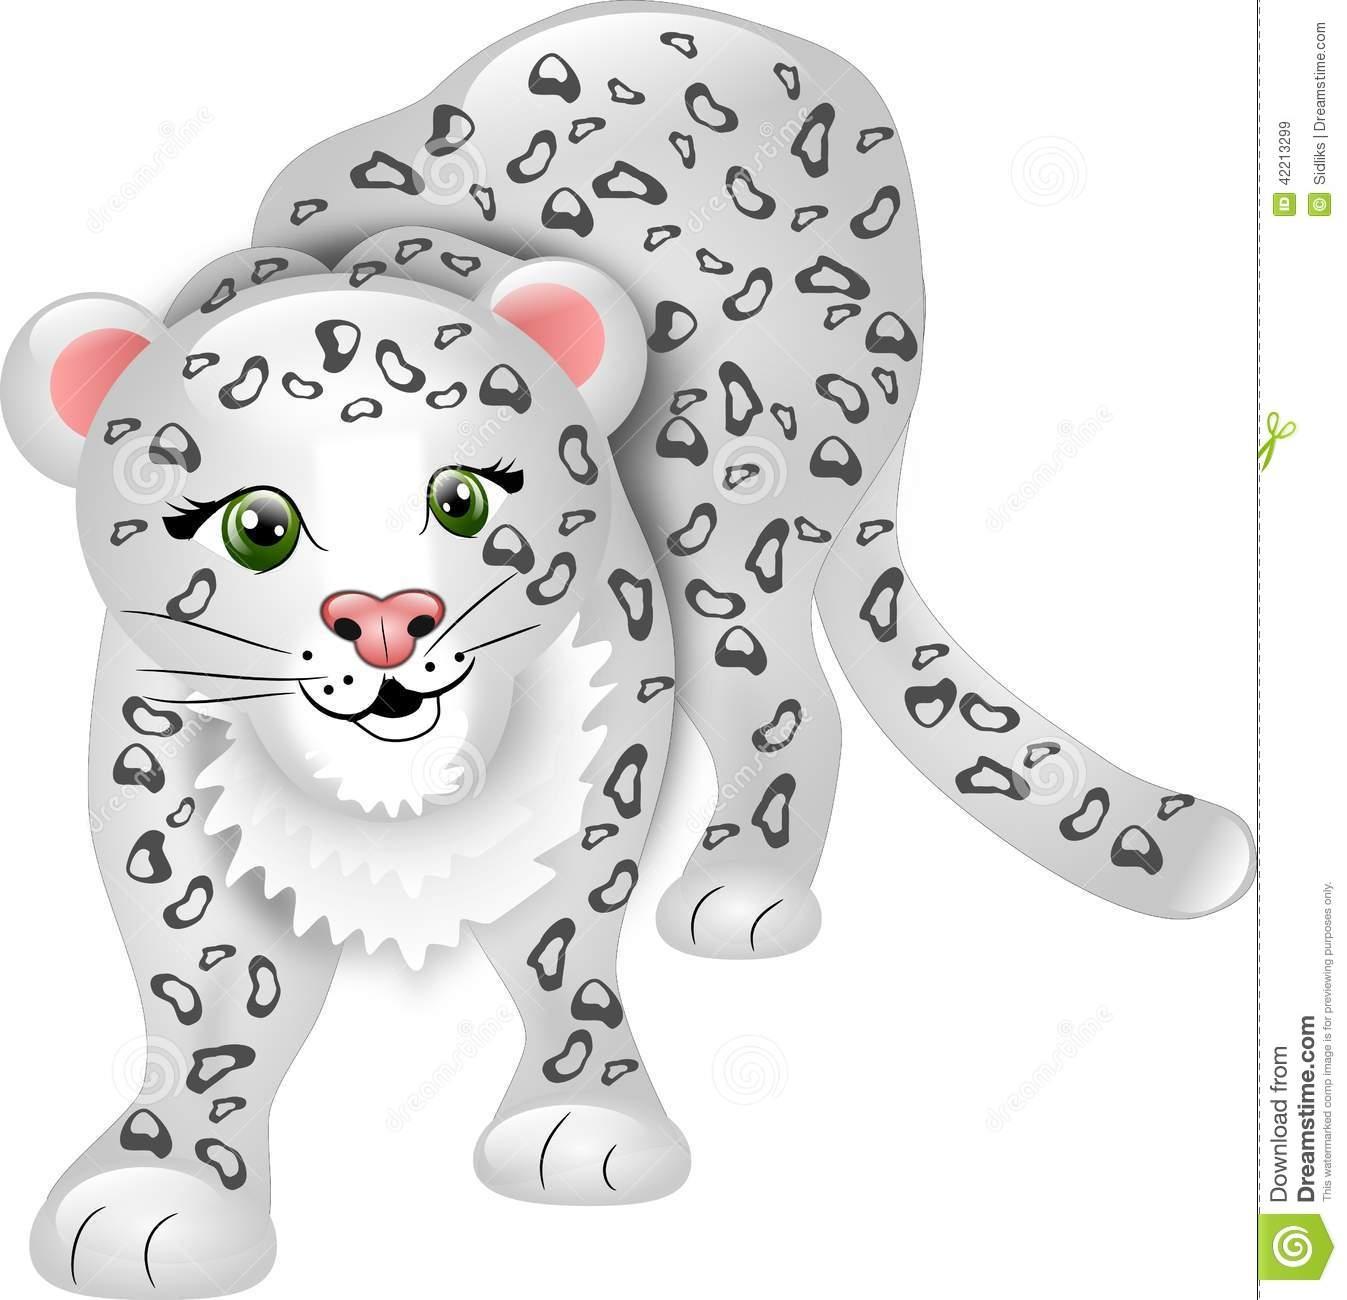 Snow Leopard clipart amur leopard Leopard Snow Snow Clipart photo#13